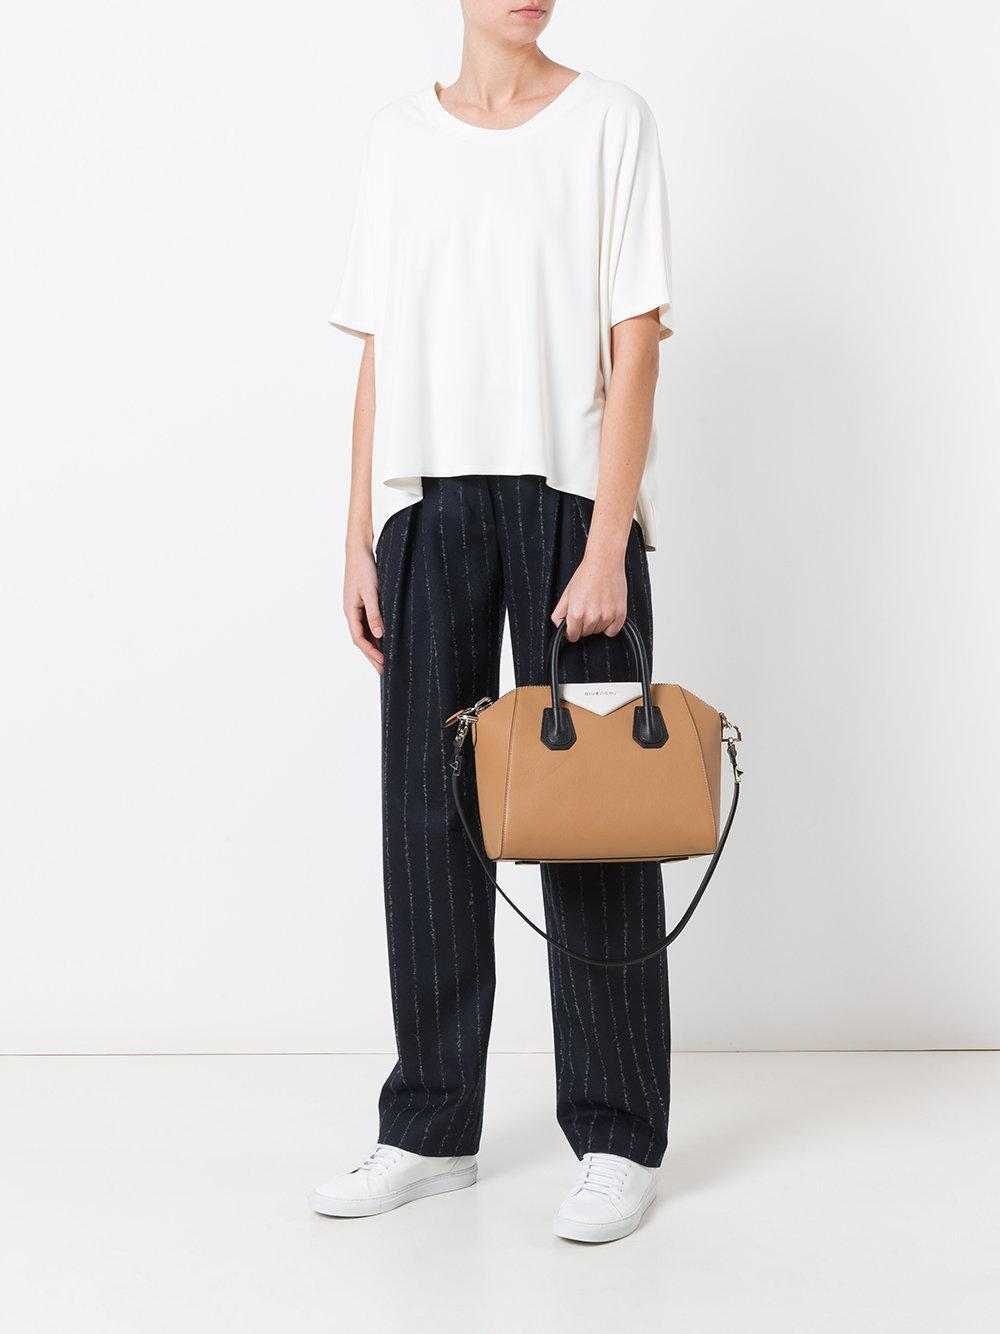 Givenchy Small Antigona Tote Bag in Brown